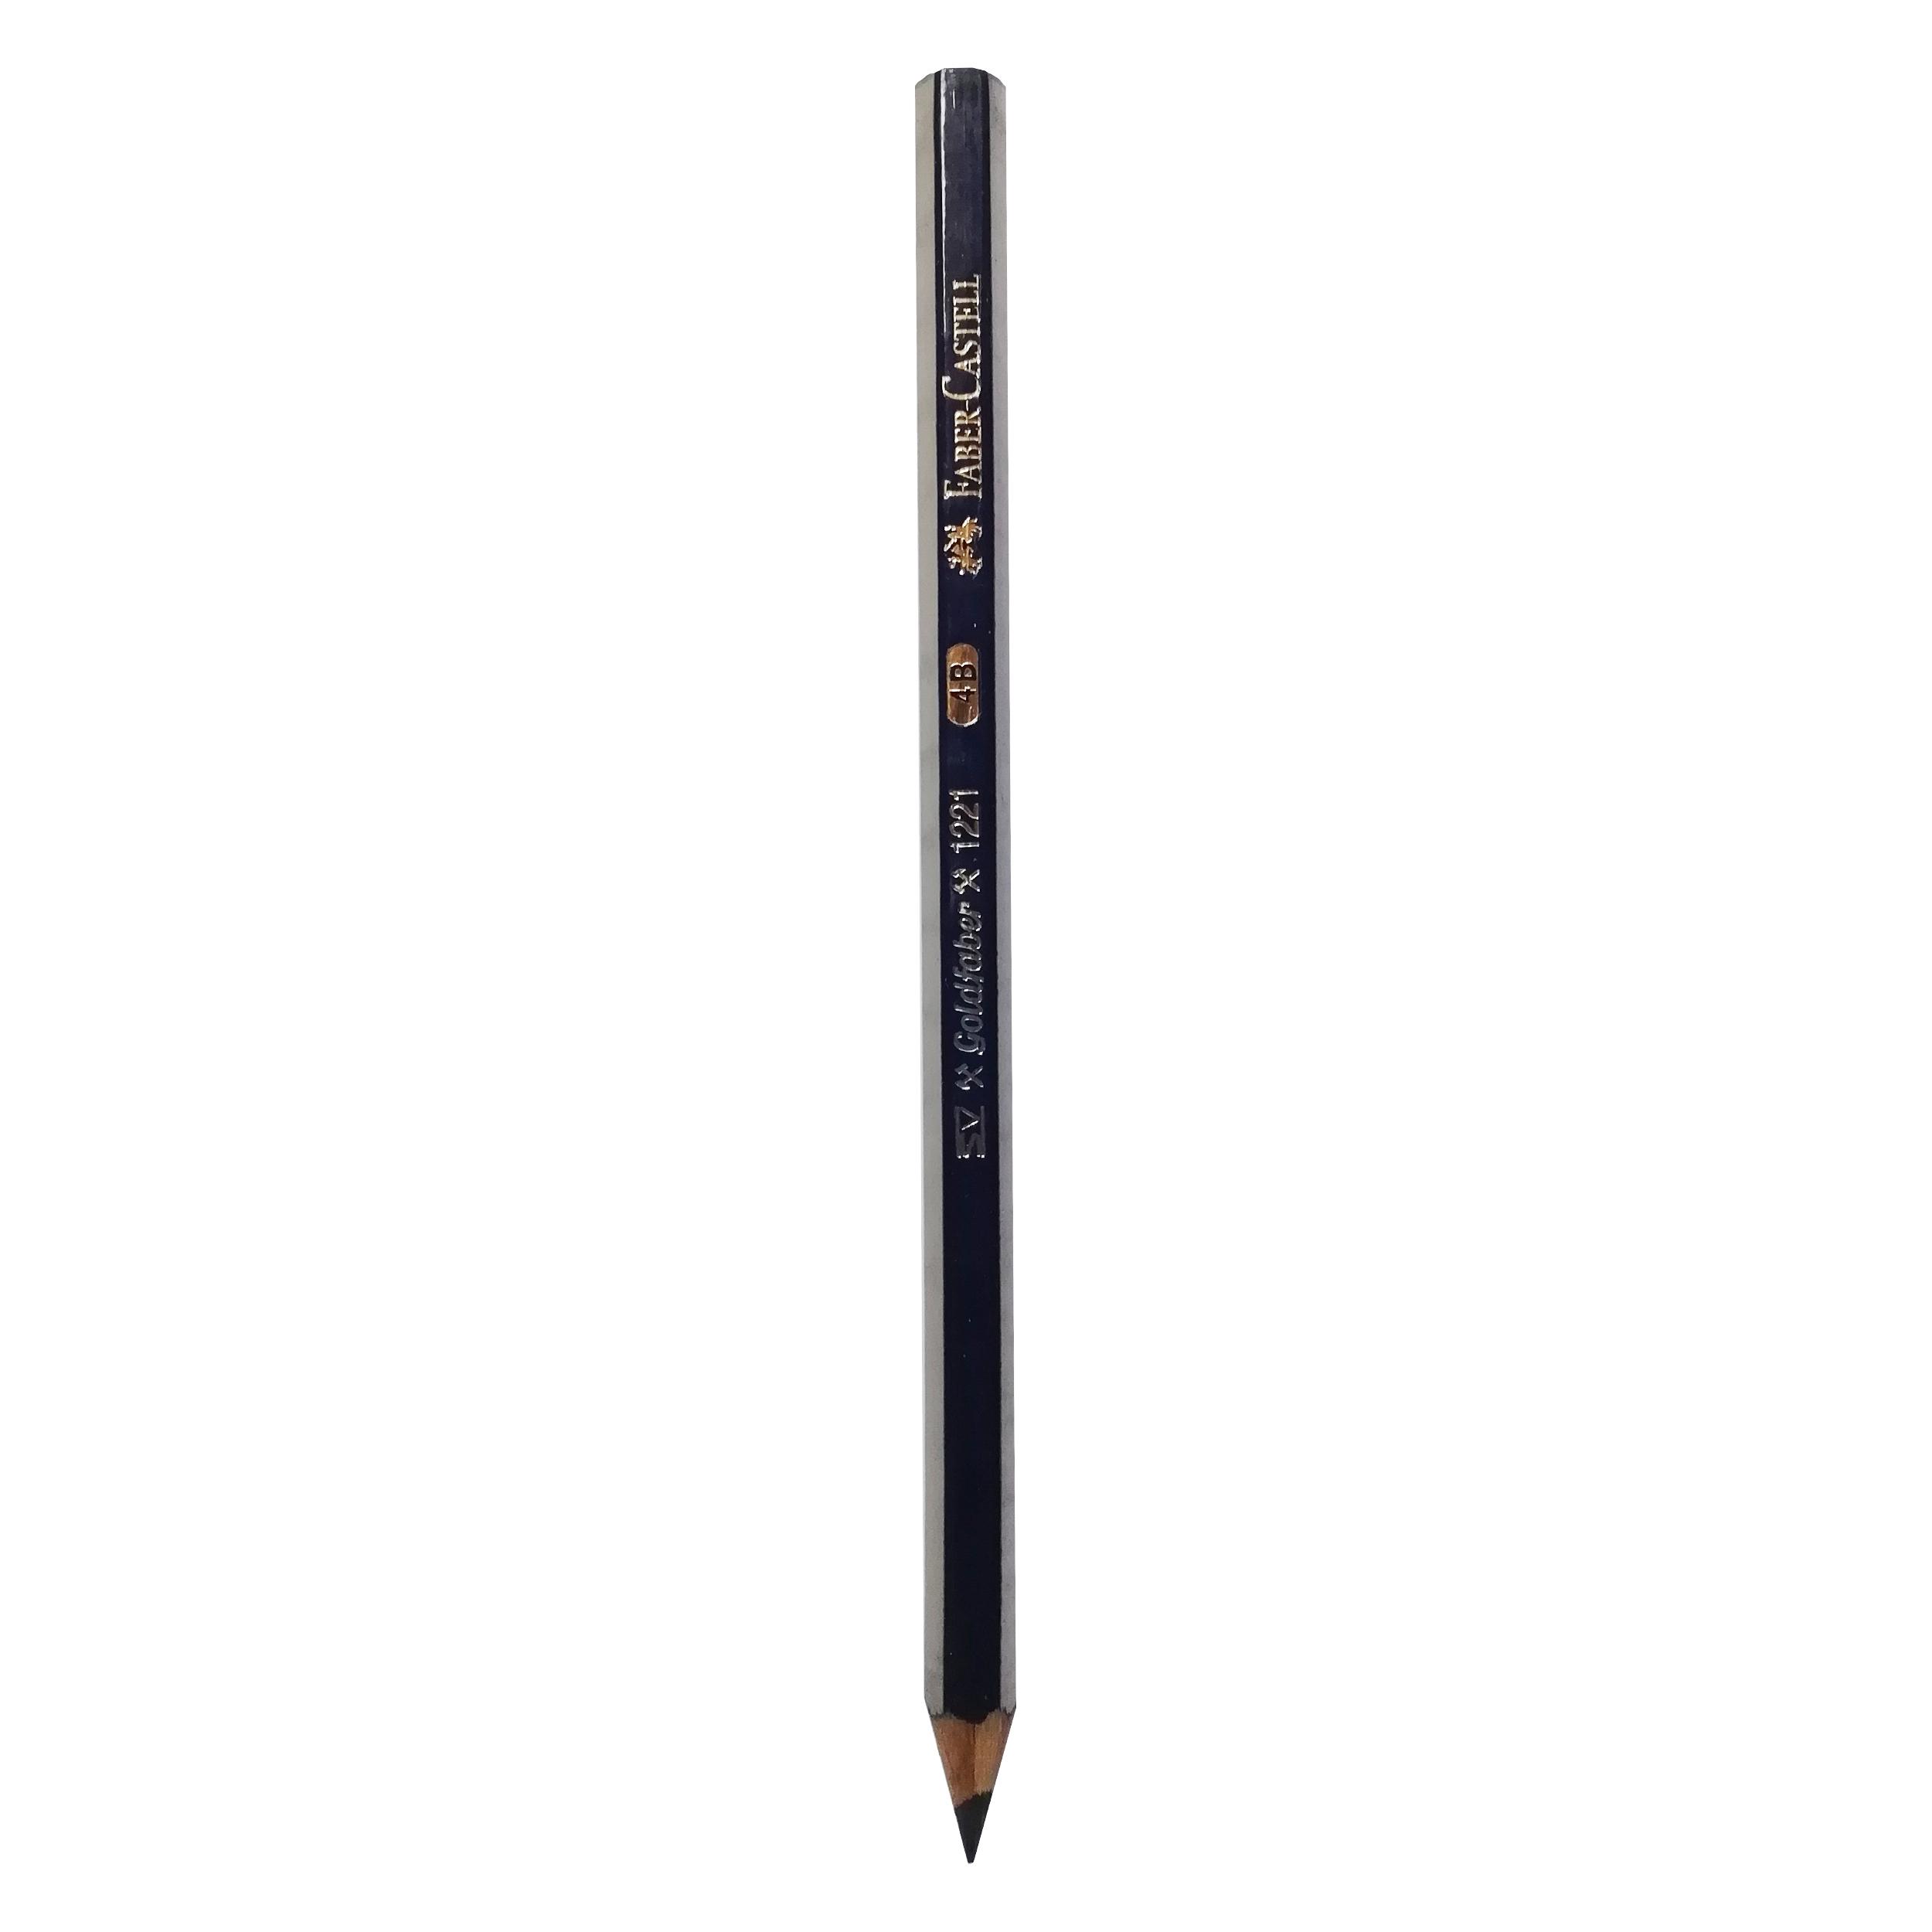 مداد طراحي فابركاستل مدل گلد فابر كد 4B